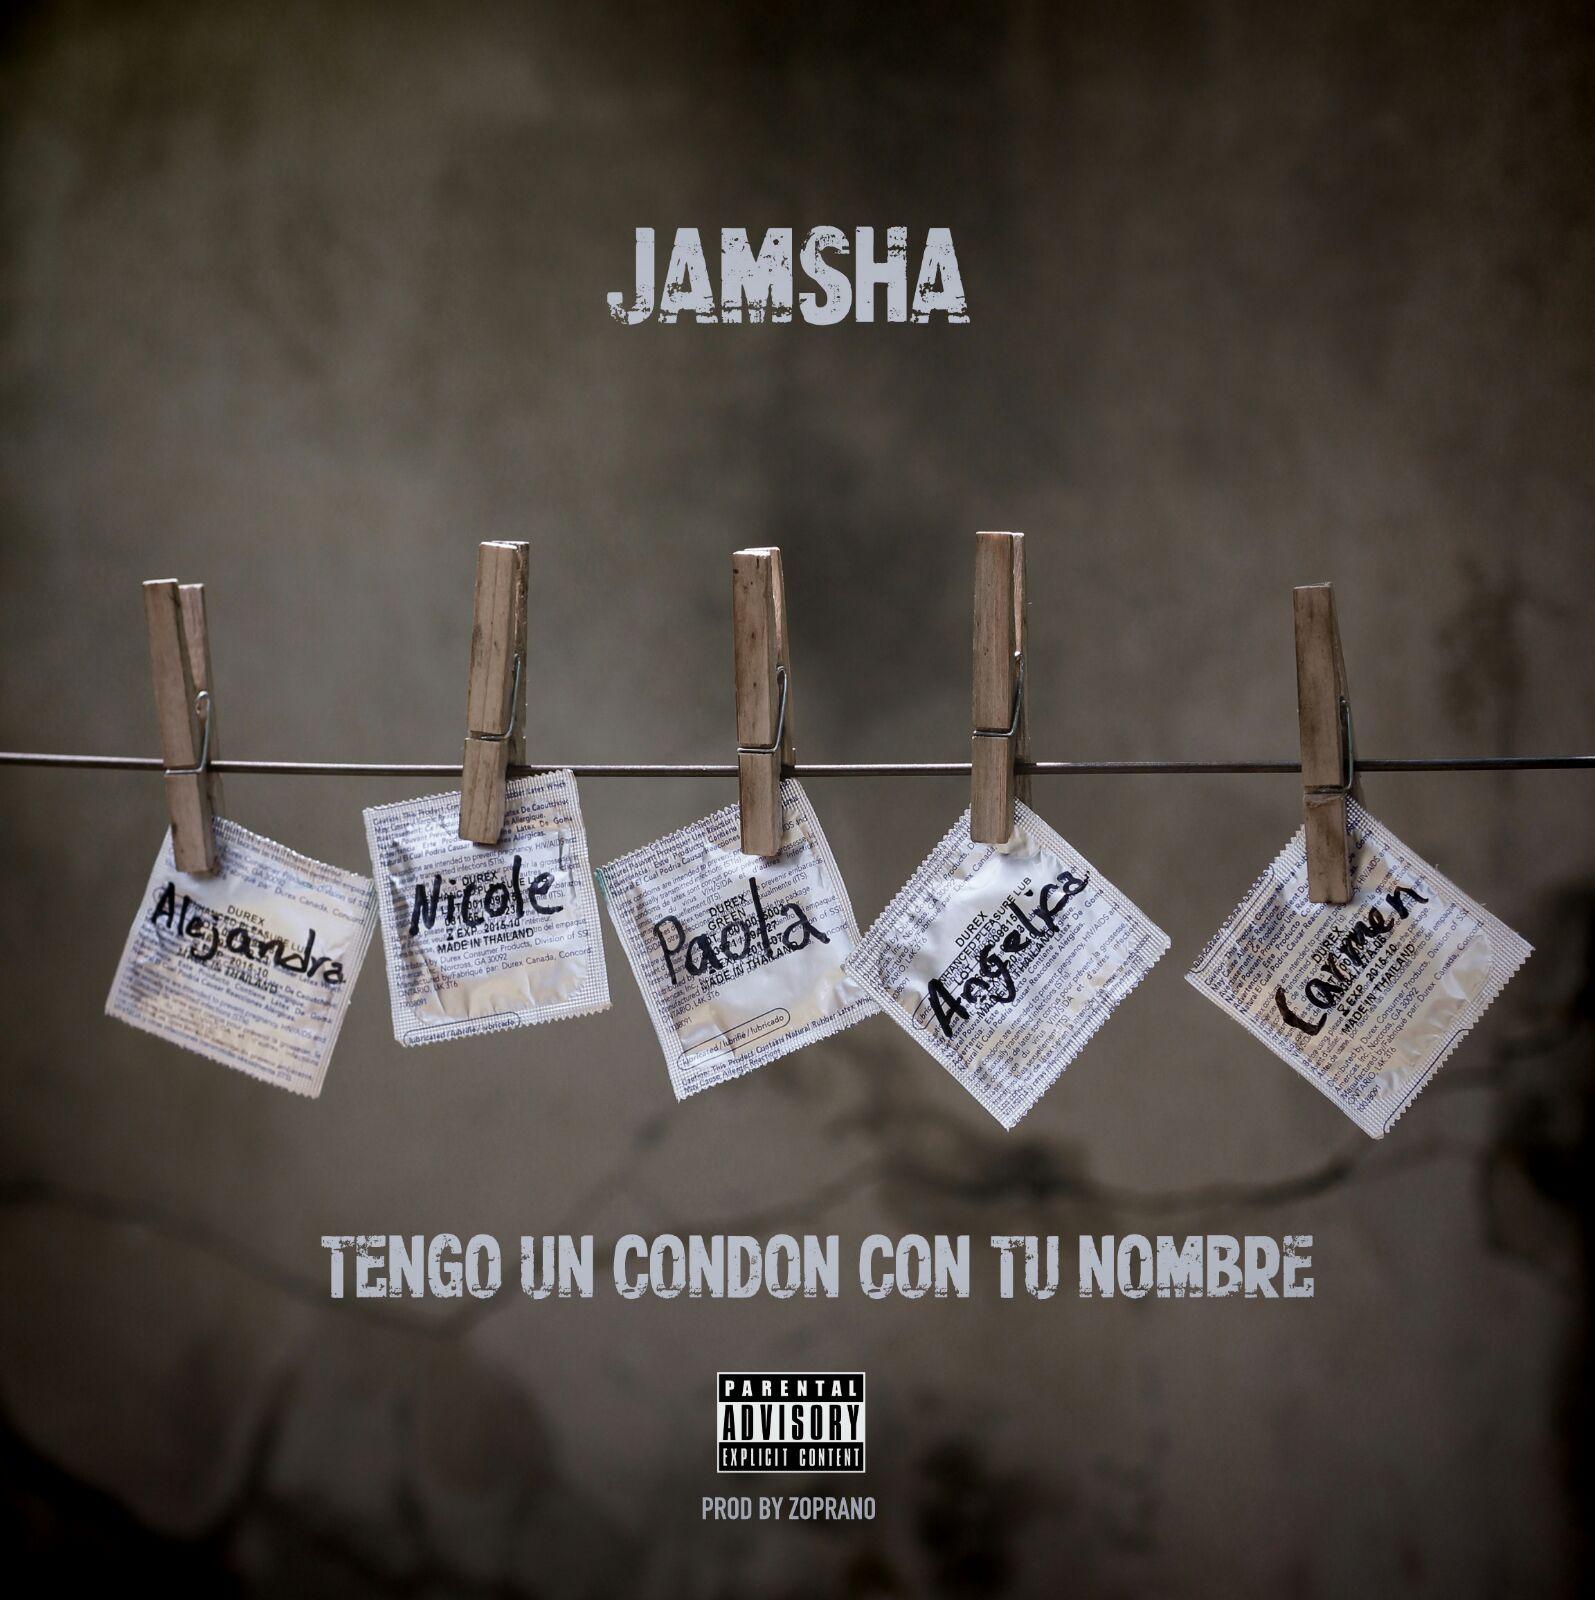 Jamsha Tengo Un Condón Con Tu Nombre - Jamsha - Tengo Un Condón Con Tu Nombre (Estreno 13 de Agosto)